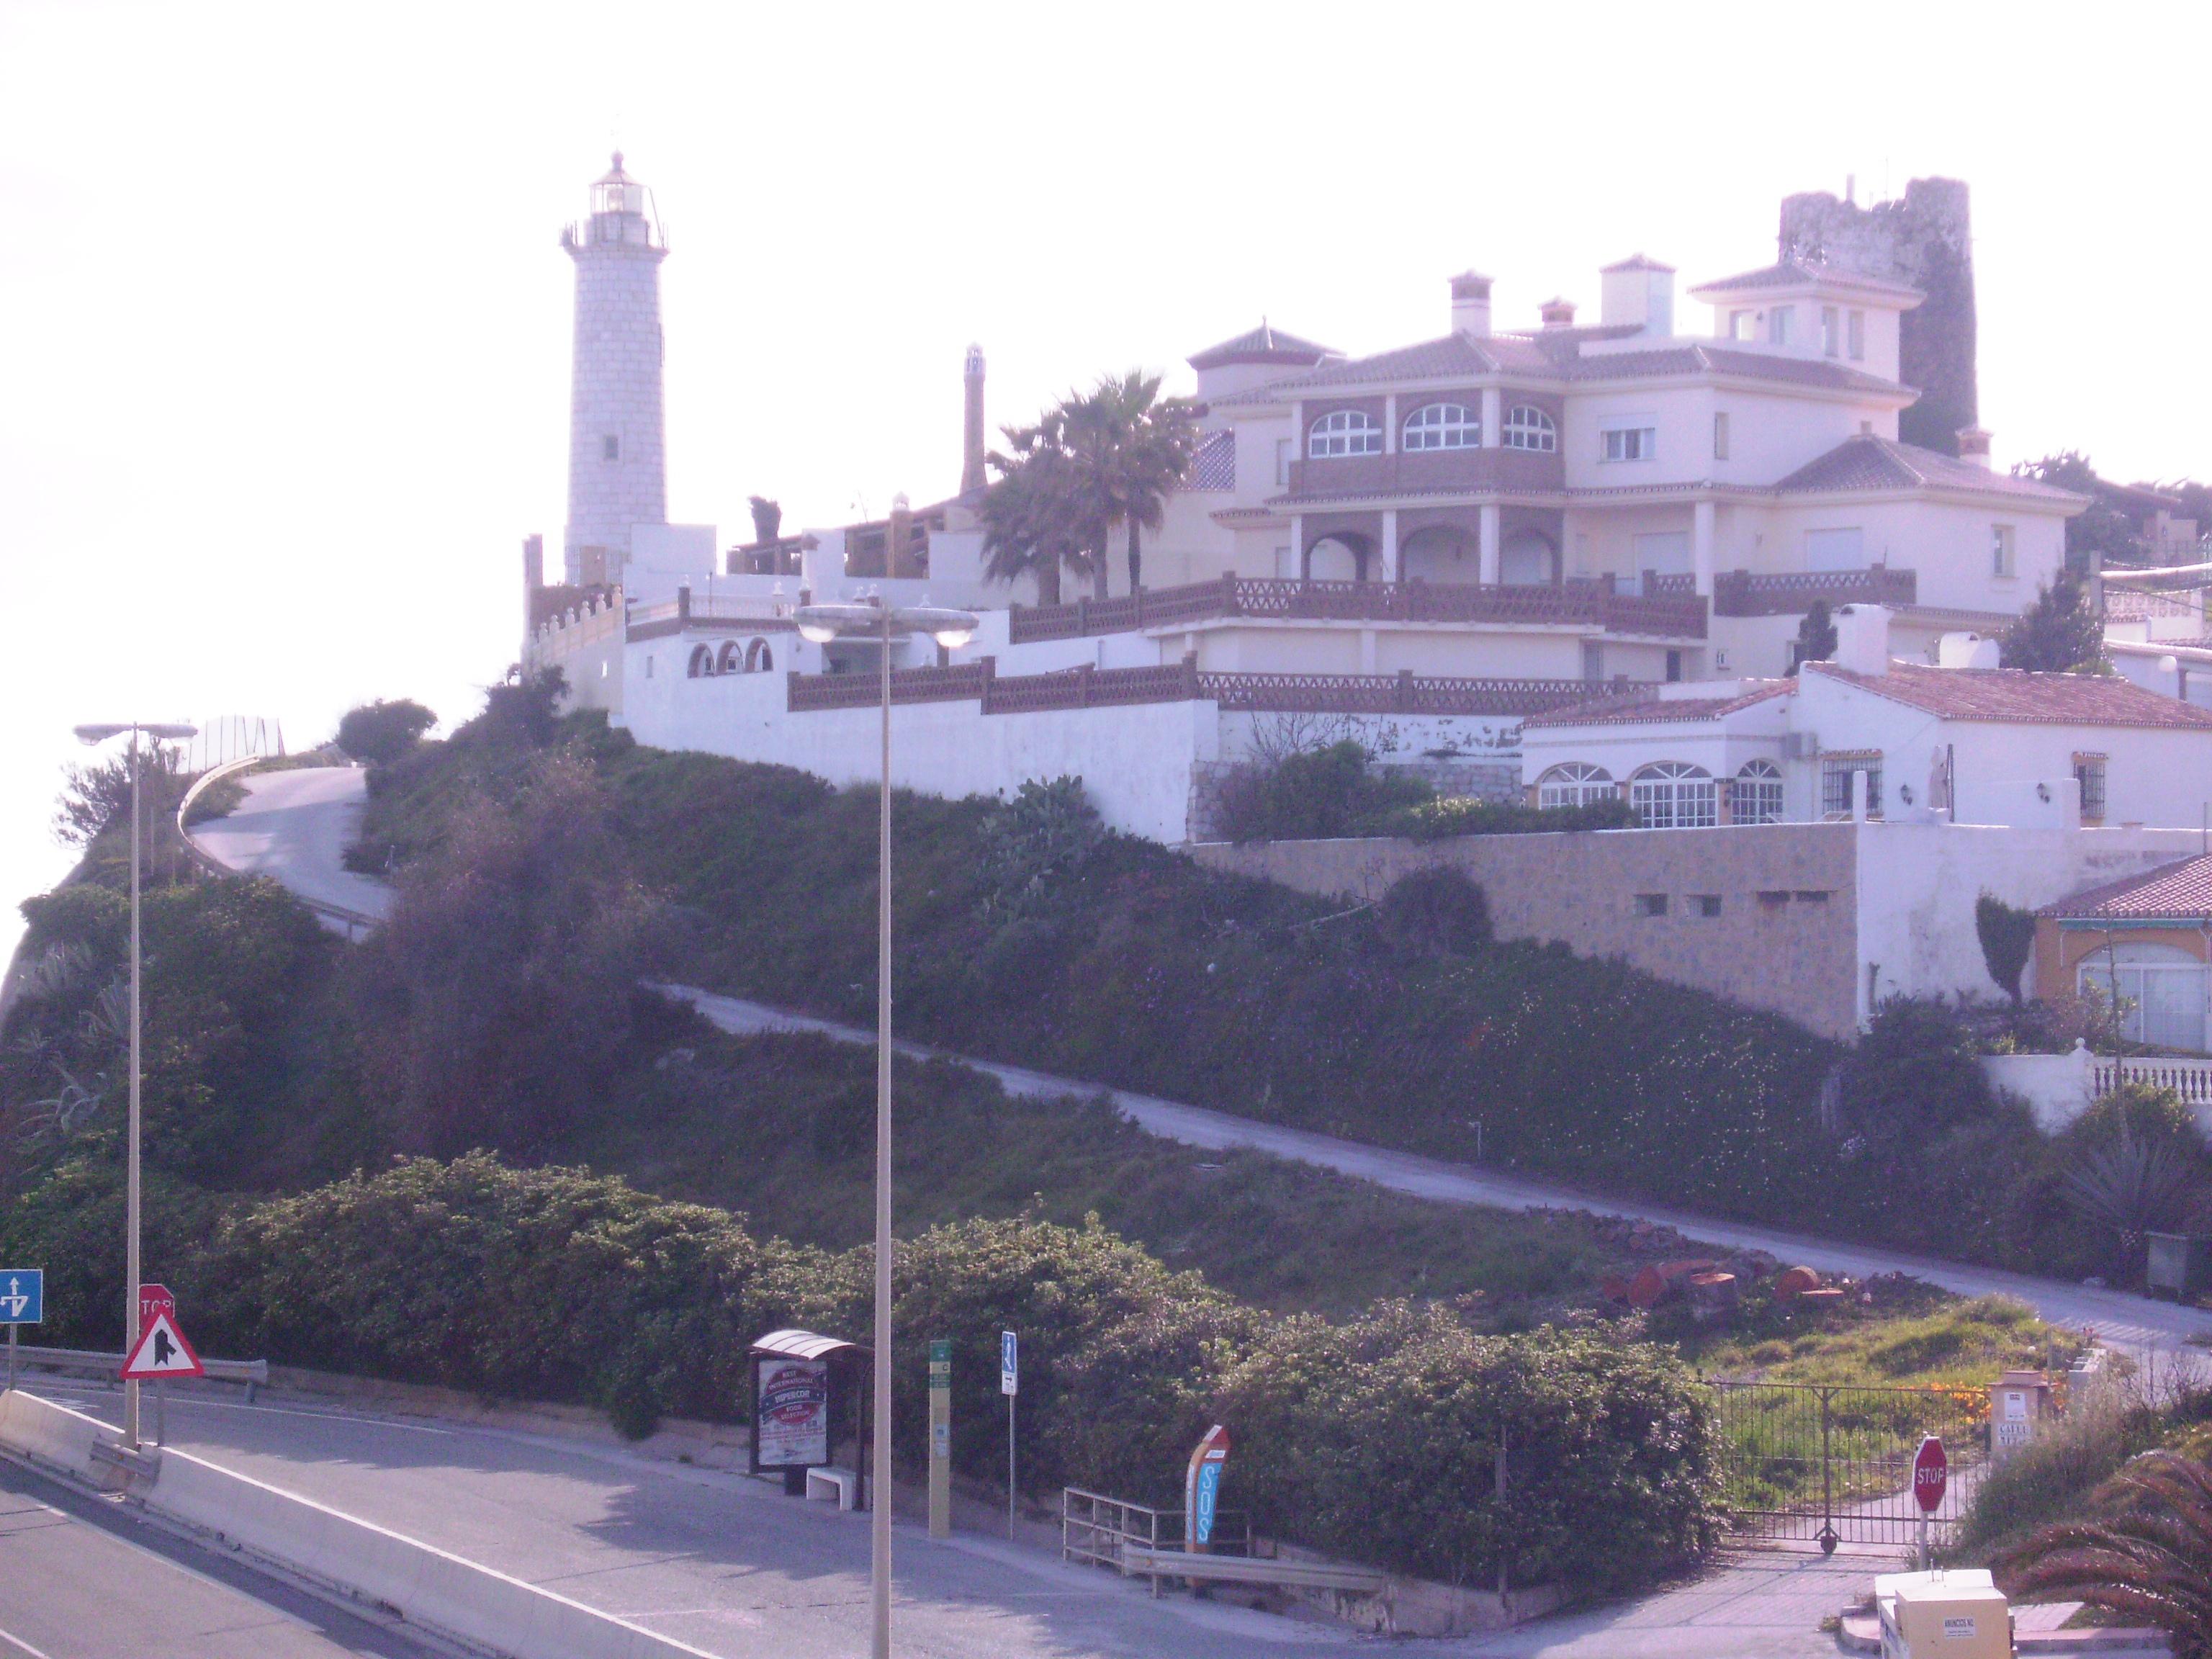 A régi világítótornyot, amelyről a település a nevét kapta (faro: világítótorony) 1863-ban építették, amelyet 1928-ban egy újjal váltottak ki.